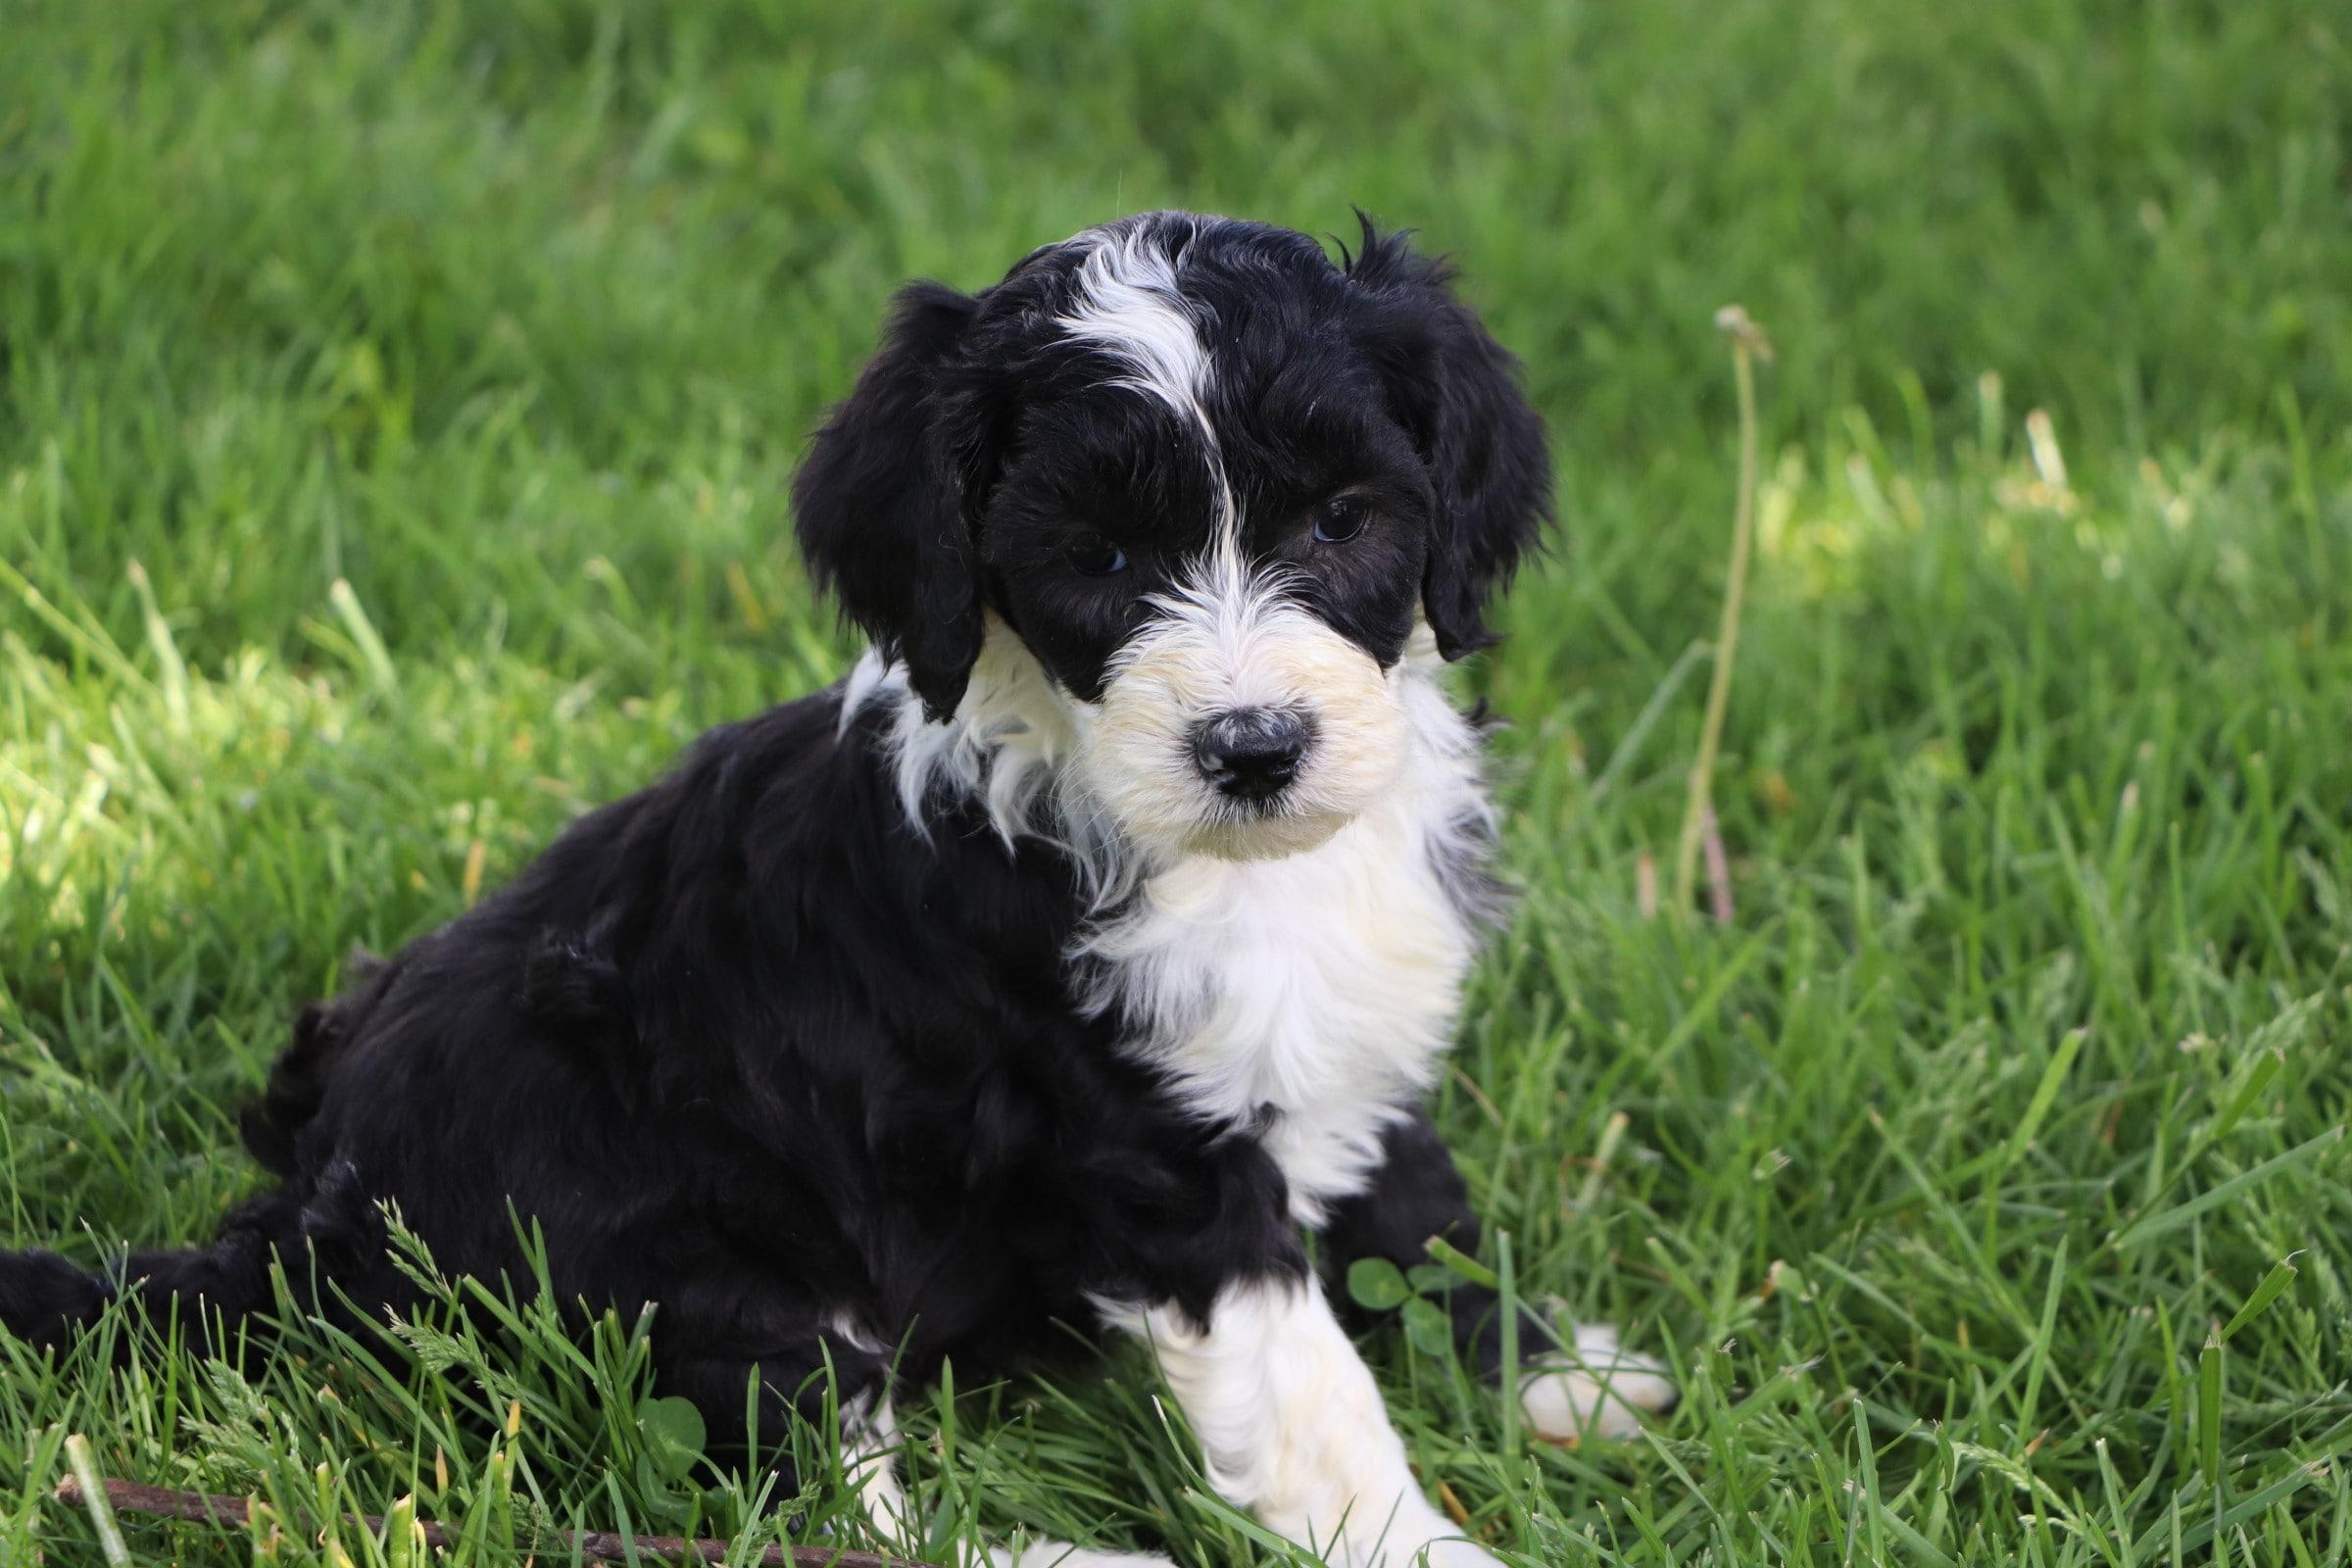 Lola Adorable Sheepadoodle Puppy (9).jpg